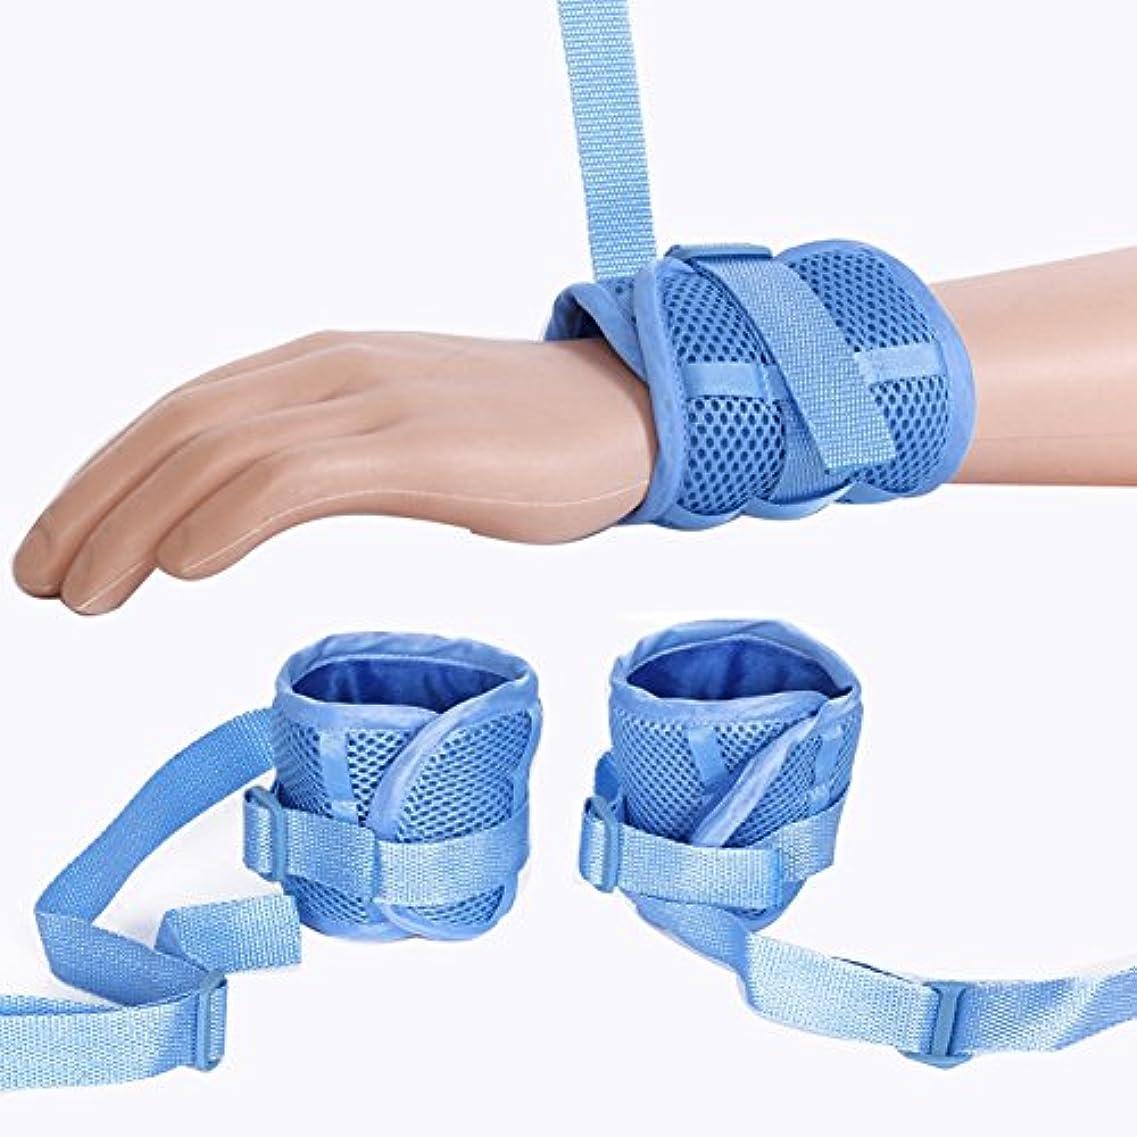 めまいベジタリアン逆コントロール?マット医療用拘束具患者の手の感染用具防護用具ユニバーサル?コントロール防御用固定手袋 - 青色1組